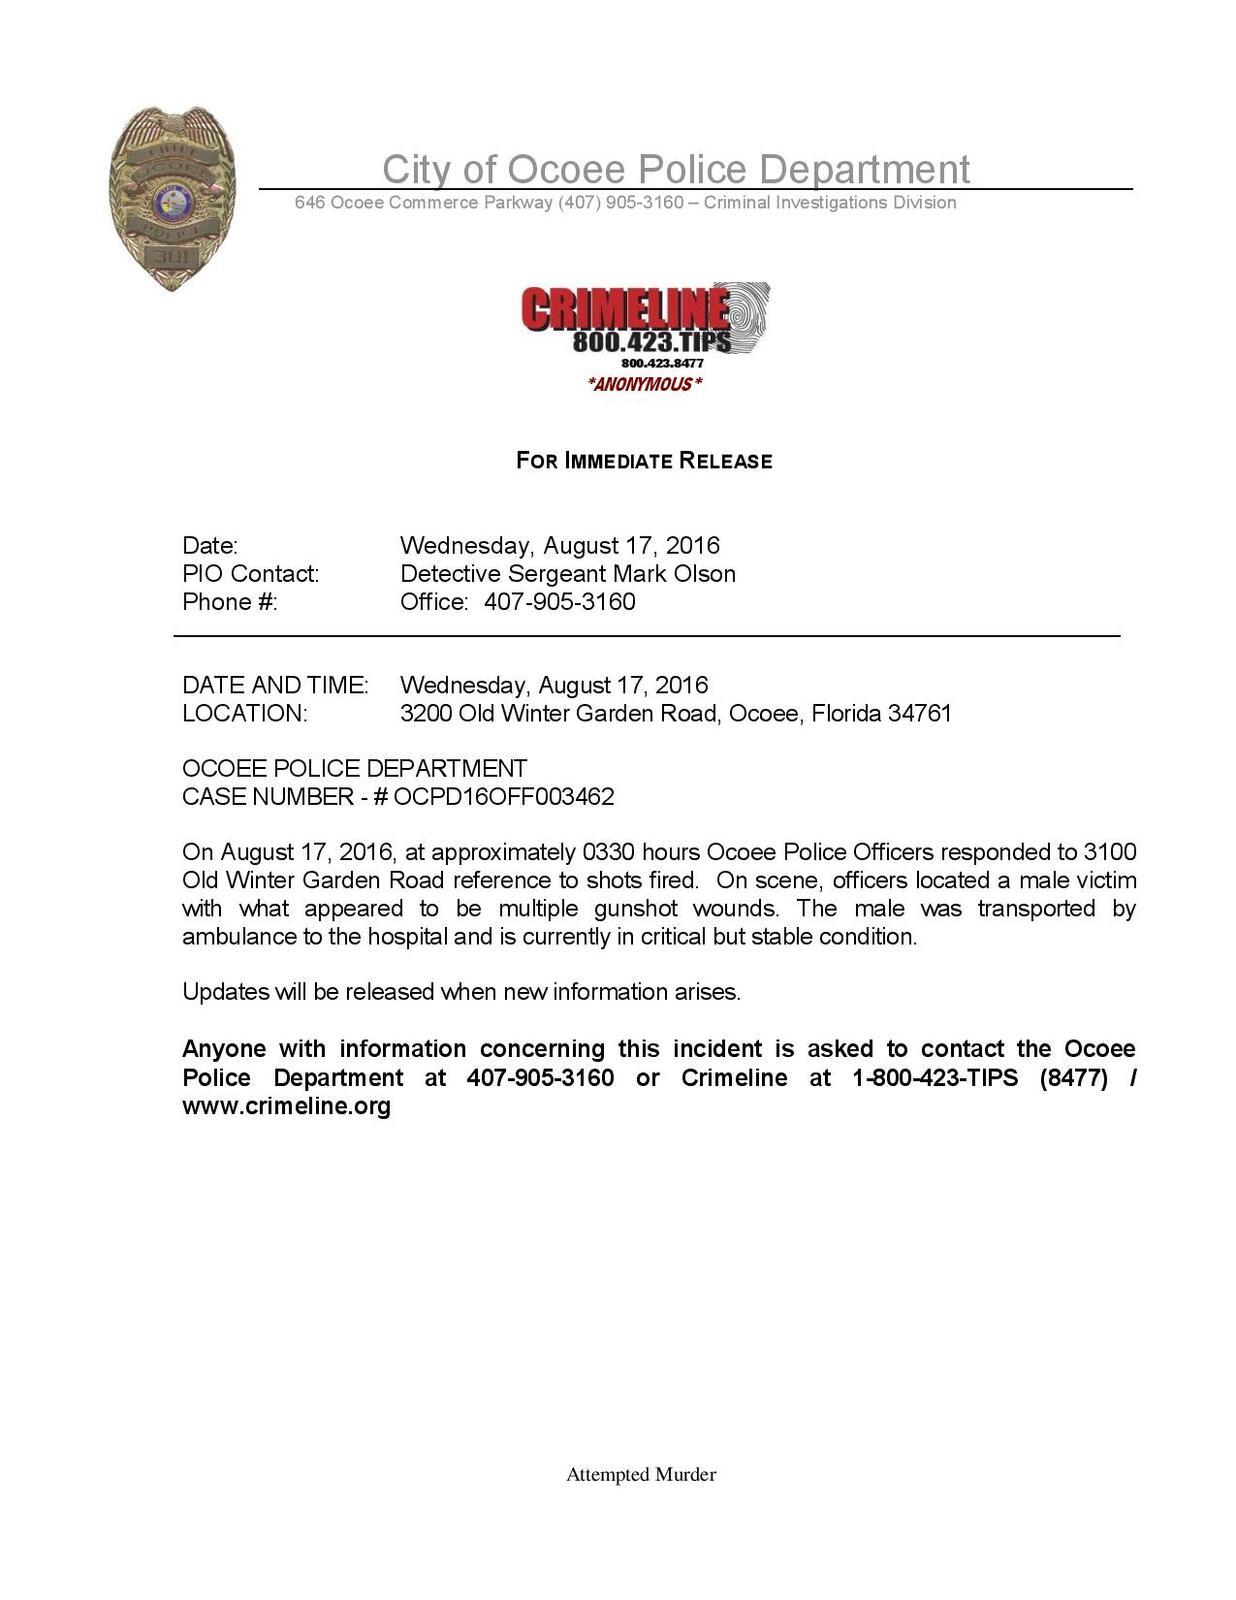 press release attempted murder ocoee police department nextdoor